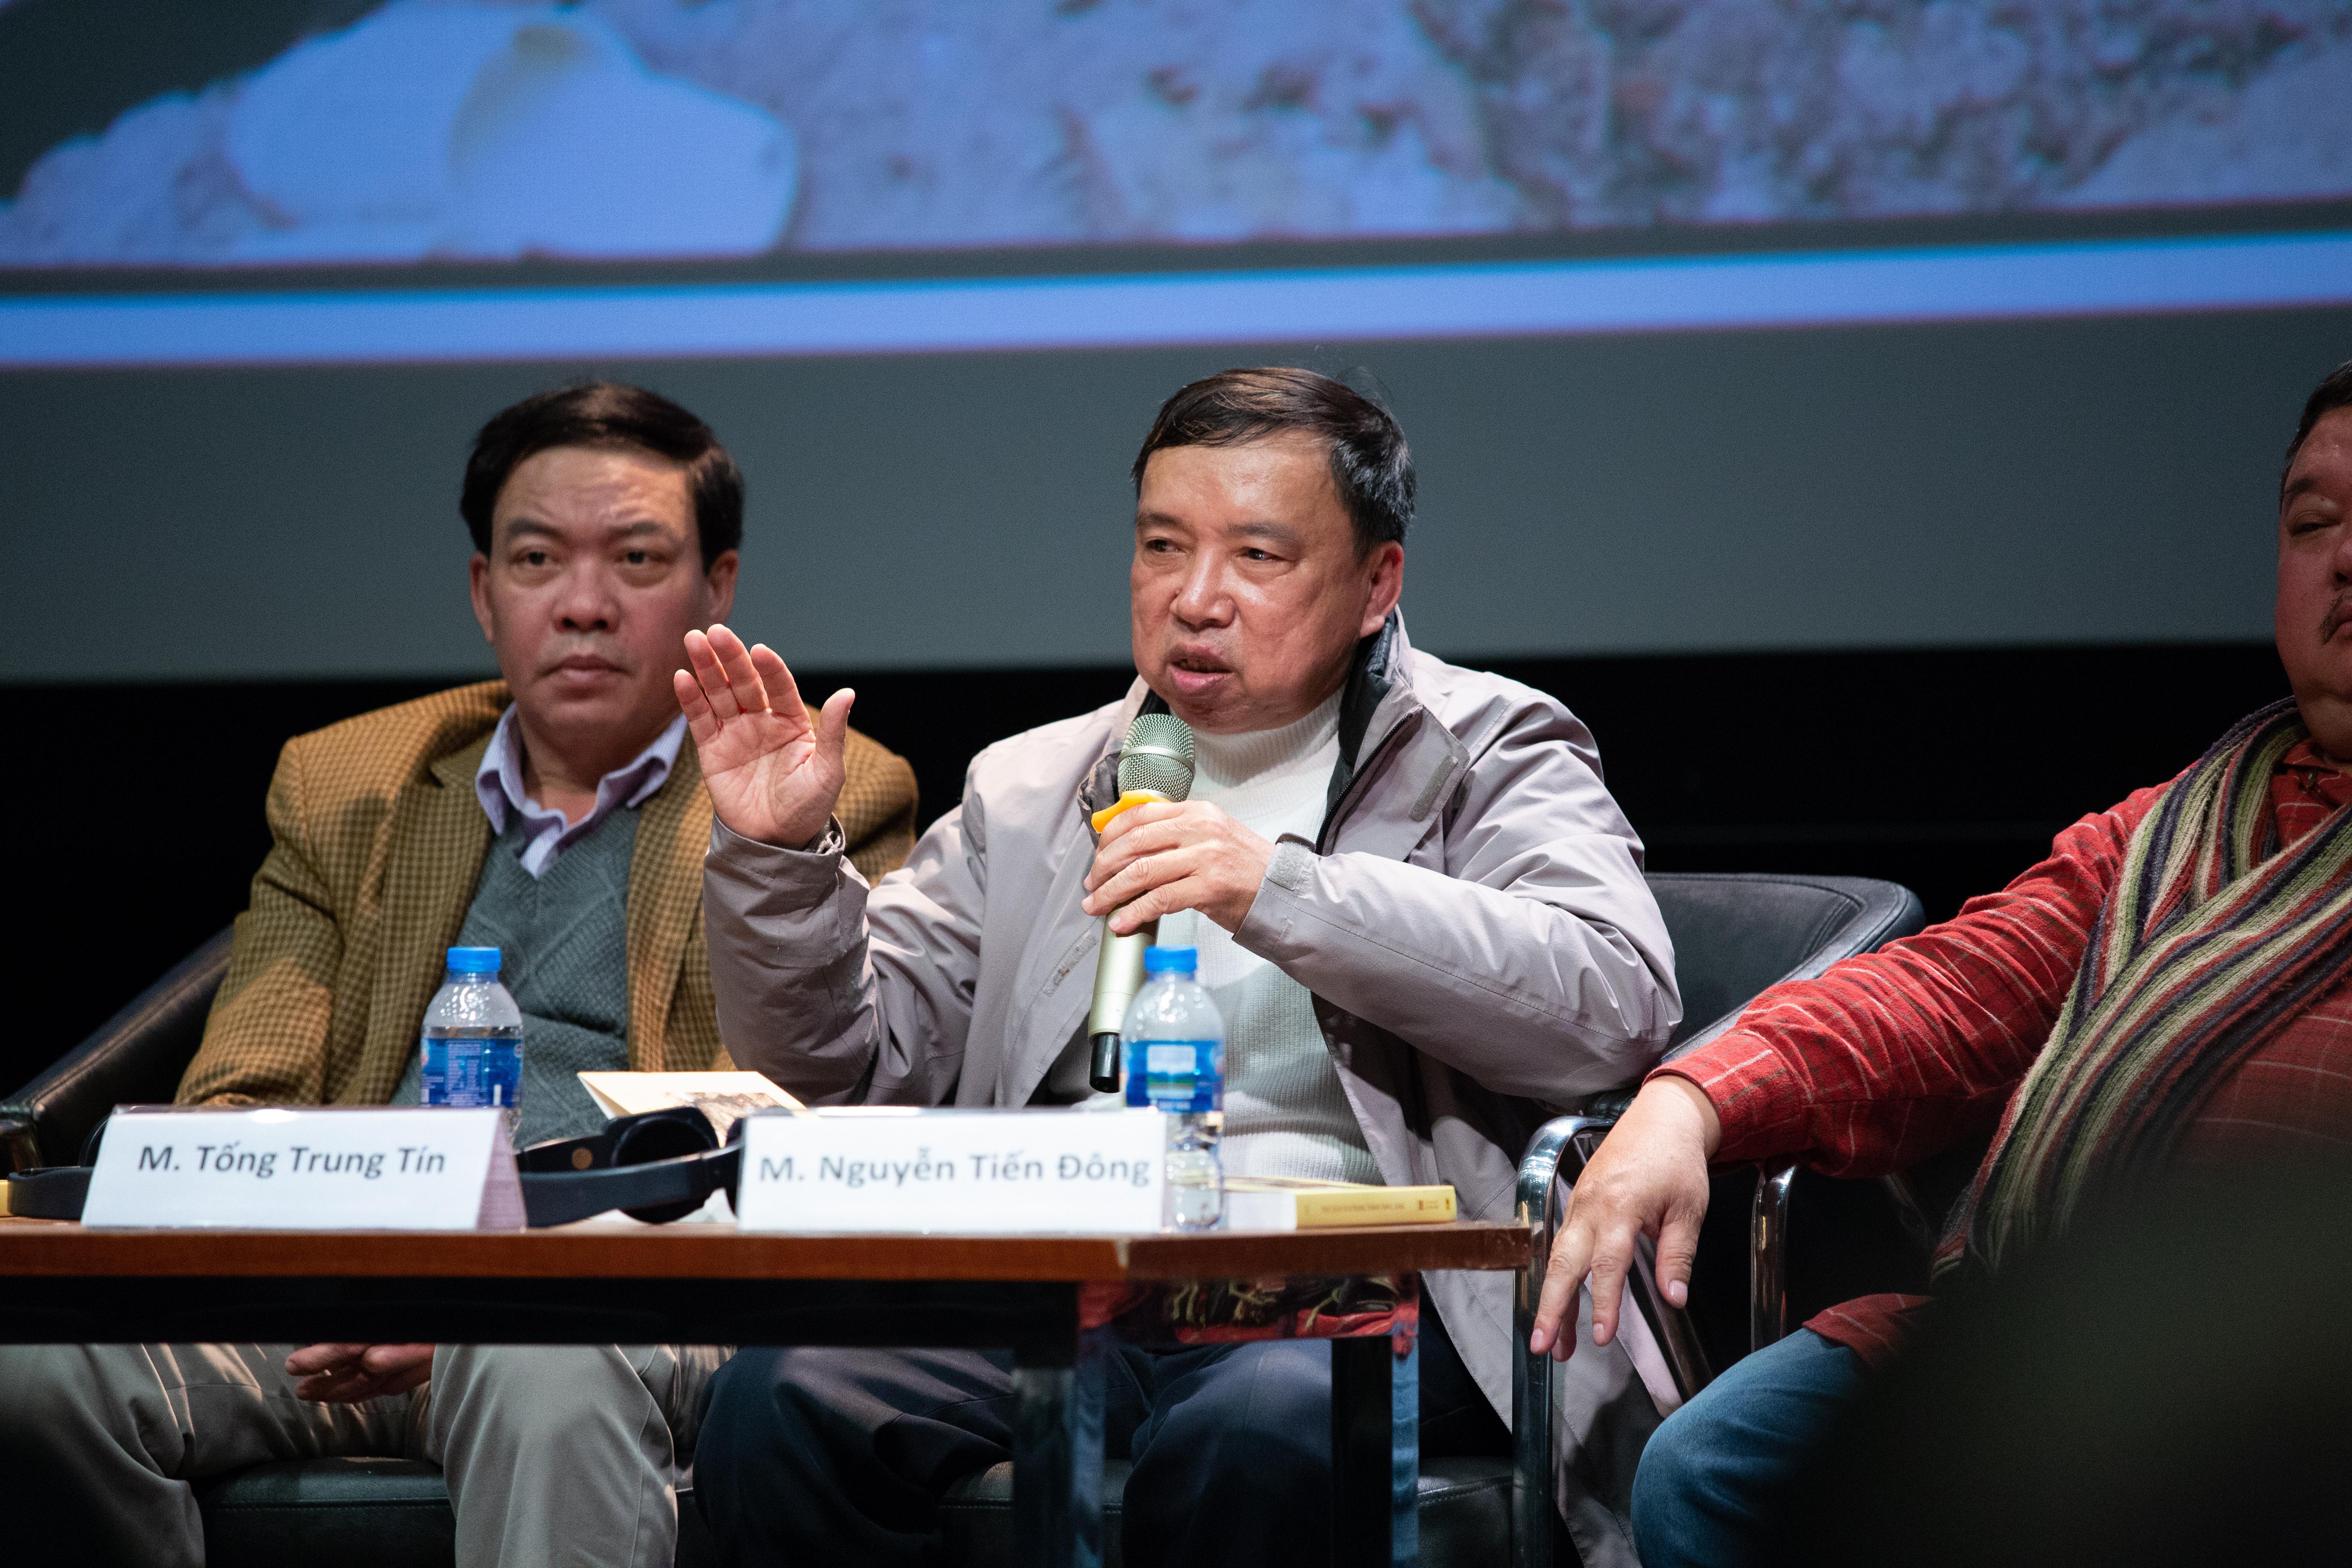 Phó GS. Tống Trung Tín phát biểu tại hội thảo về những phát hiện tại Hoàng thành. Ảnh: Tuấn Quang